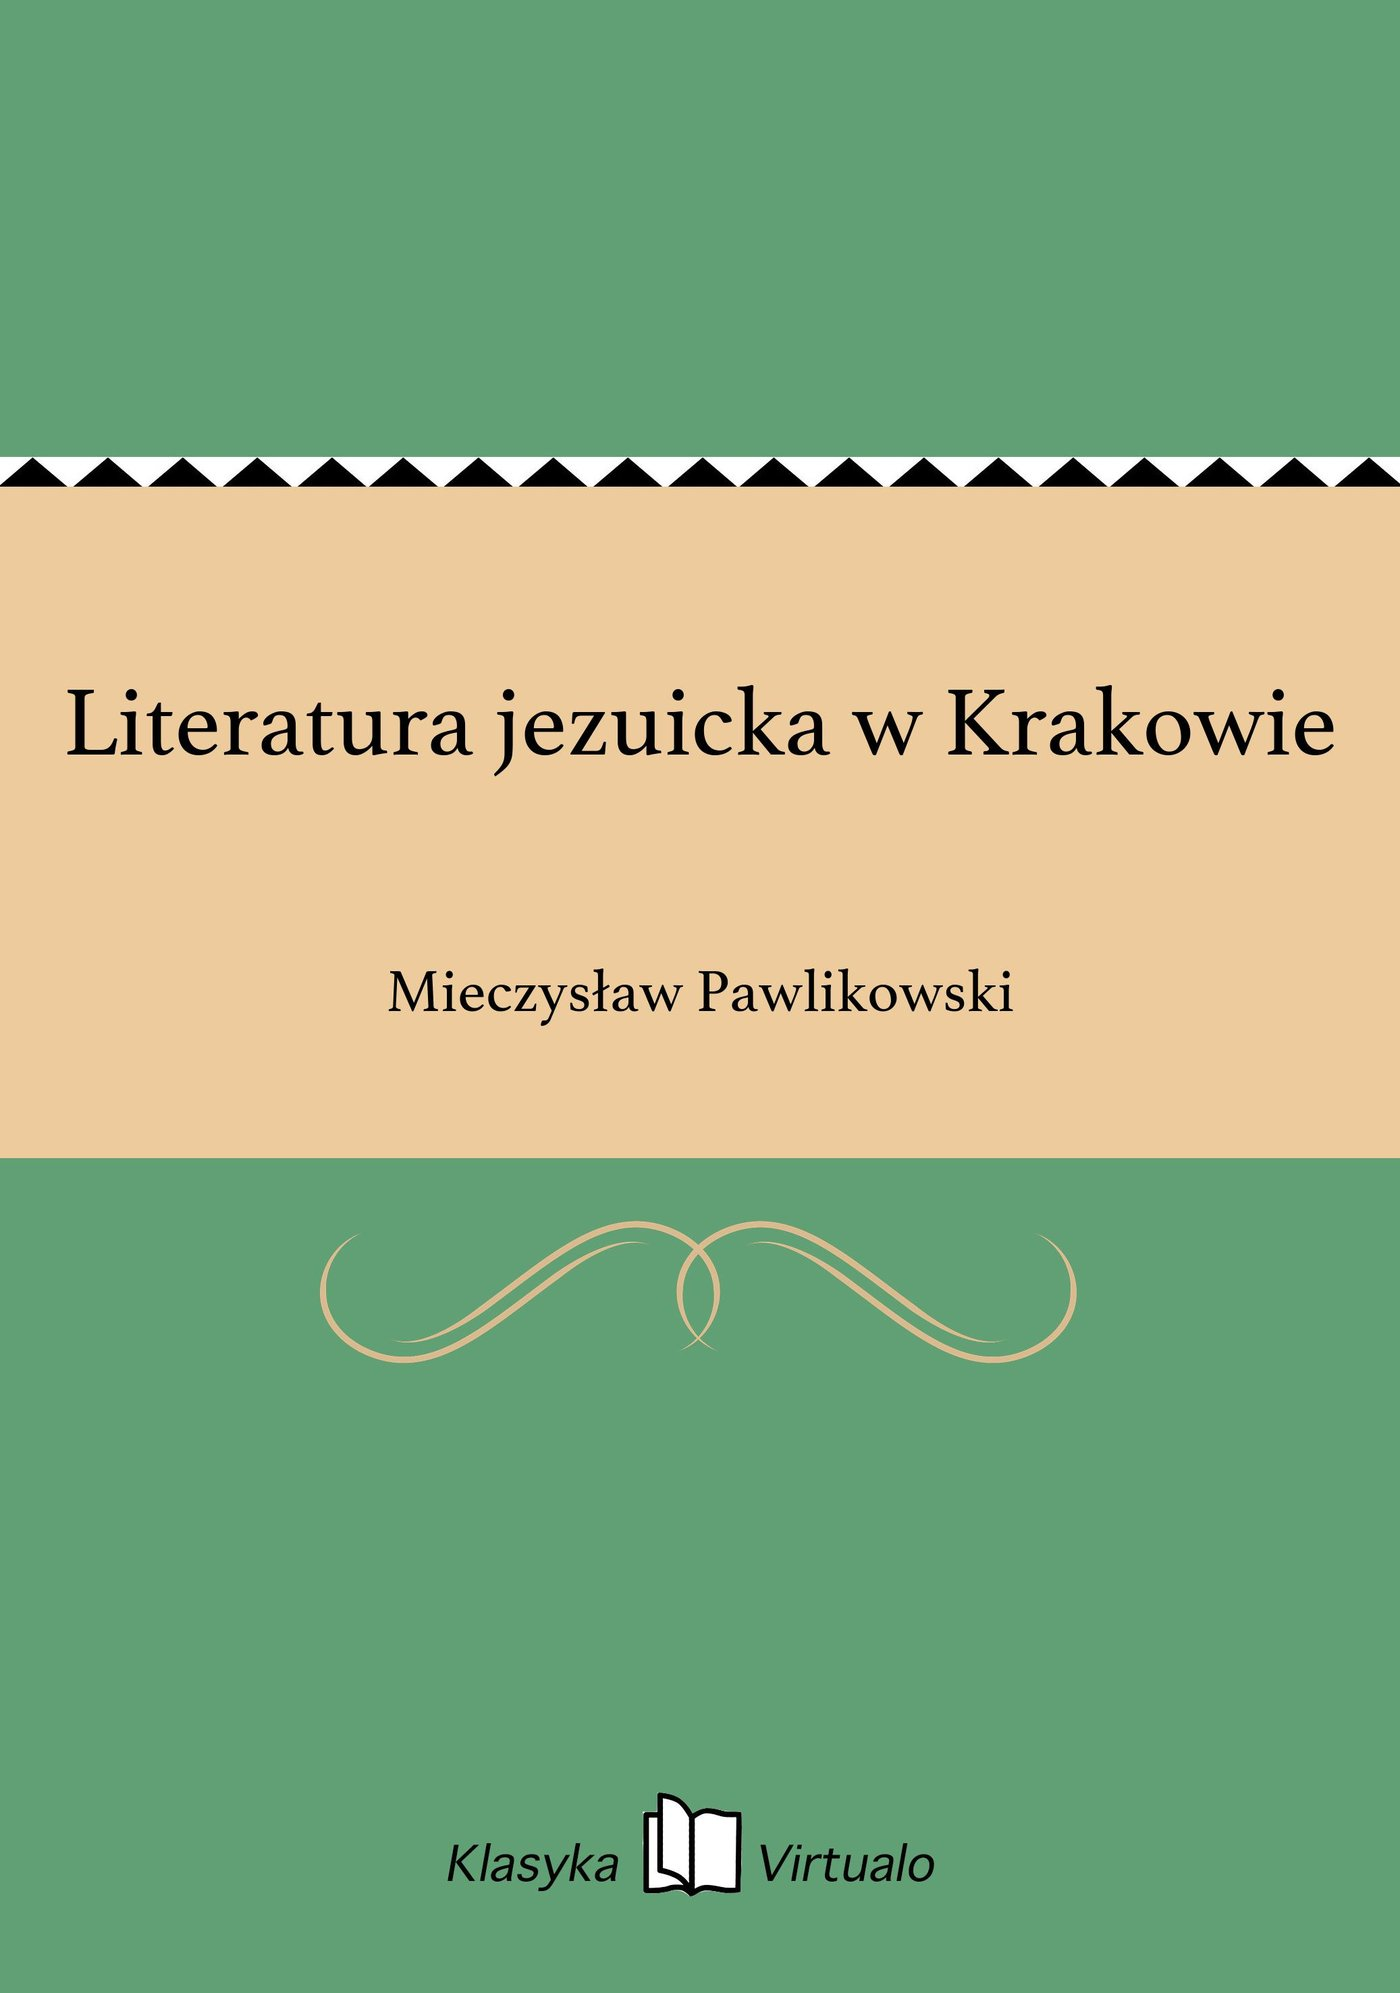 Literatura jezuicka w Krakowie - Ebook (Książka EPUB) do pobrania w formacie EPUB